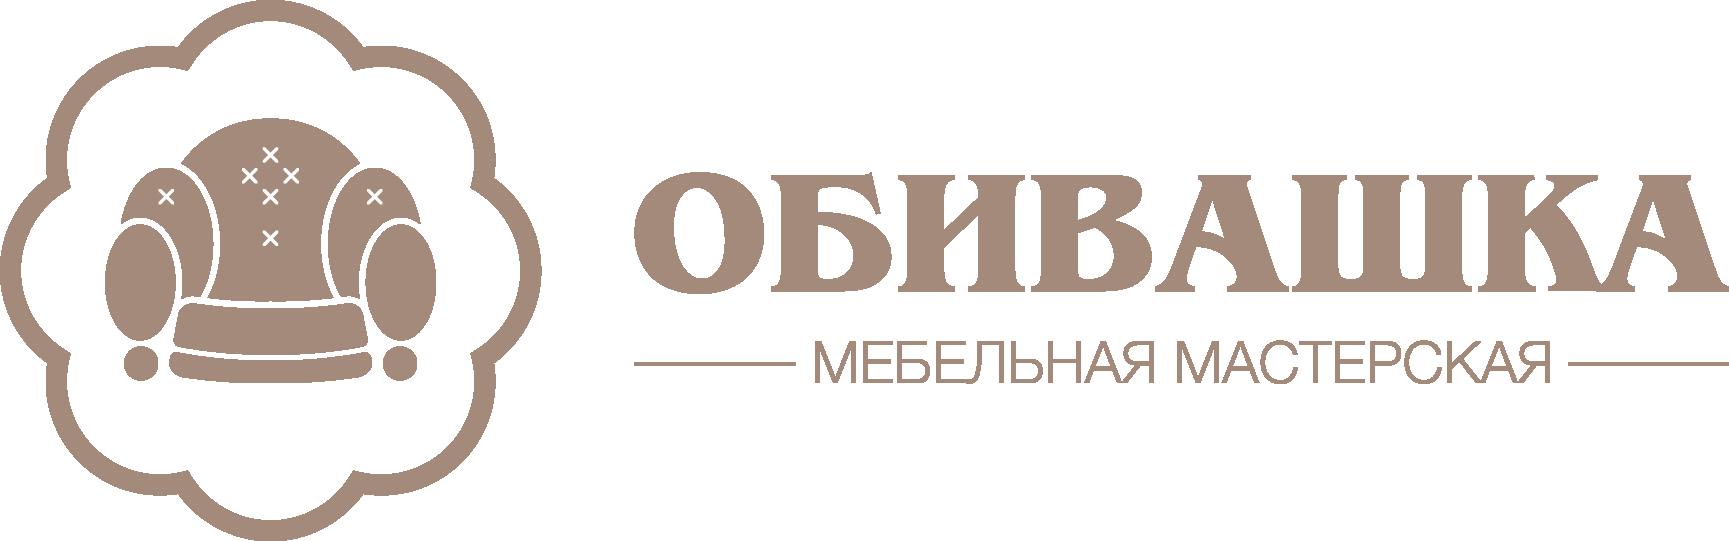 Работа в компании «Обивашка» в Москвы